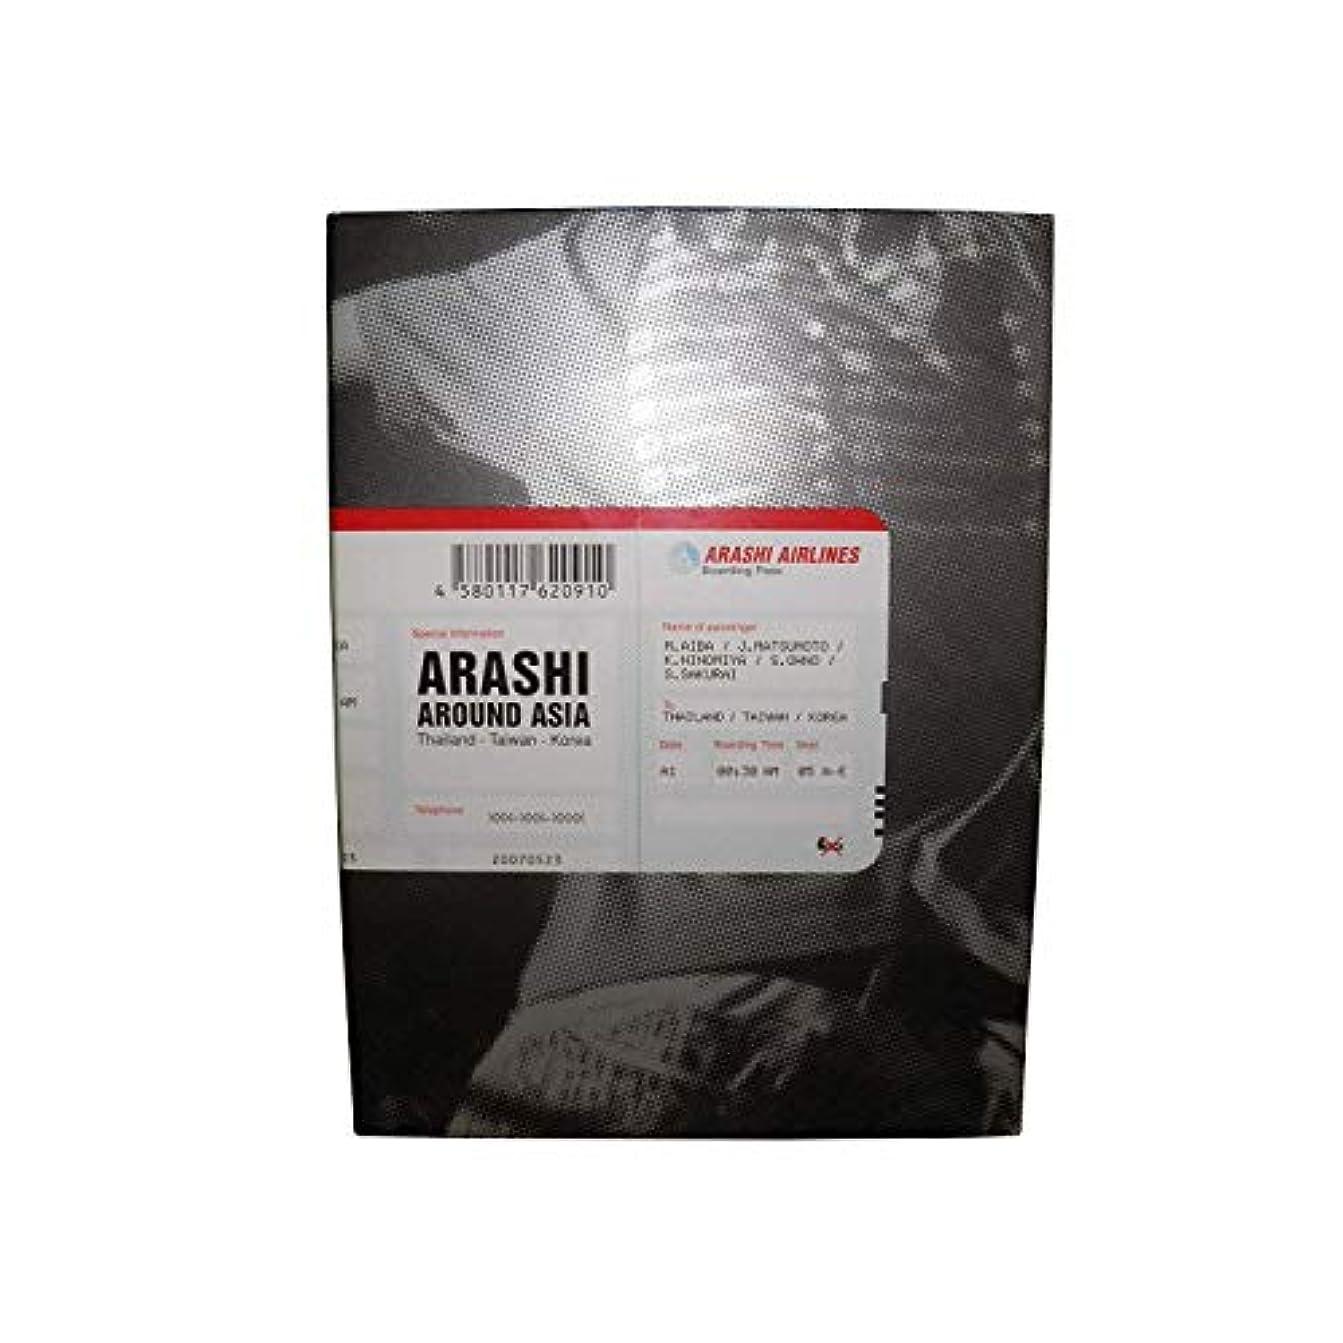 匿名株式会社製品ARASHI AROUND ASIA 【初回生産限定盤】 [DVD]